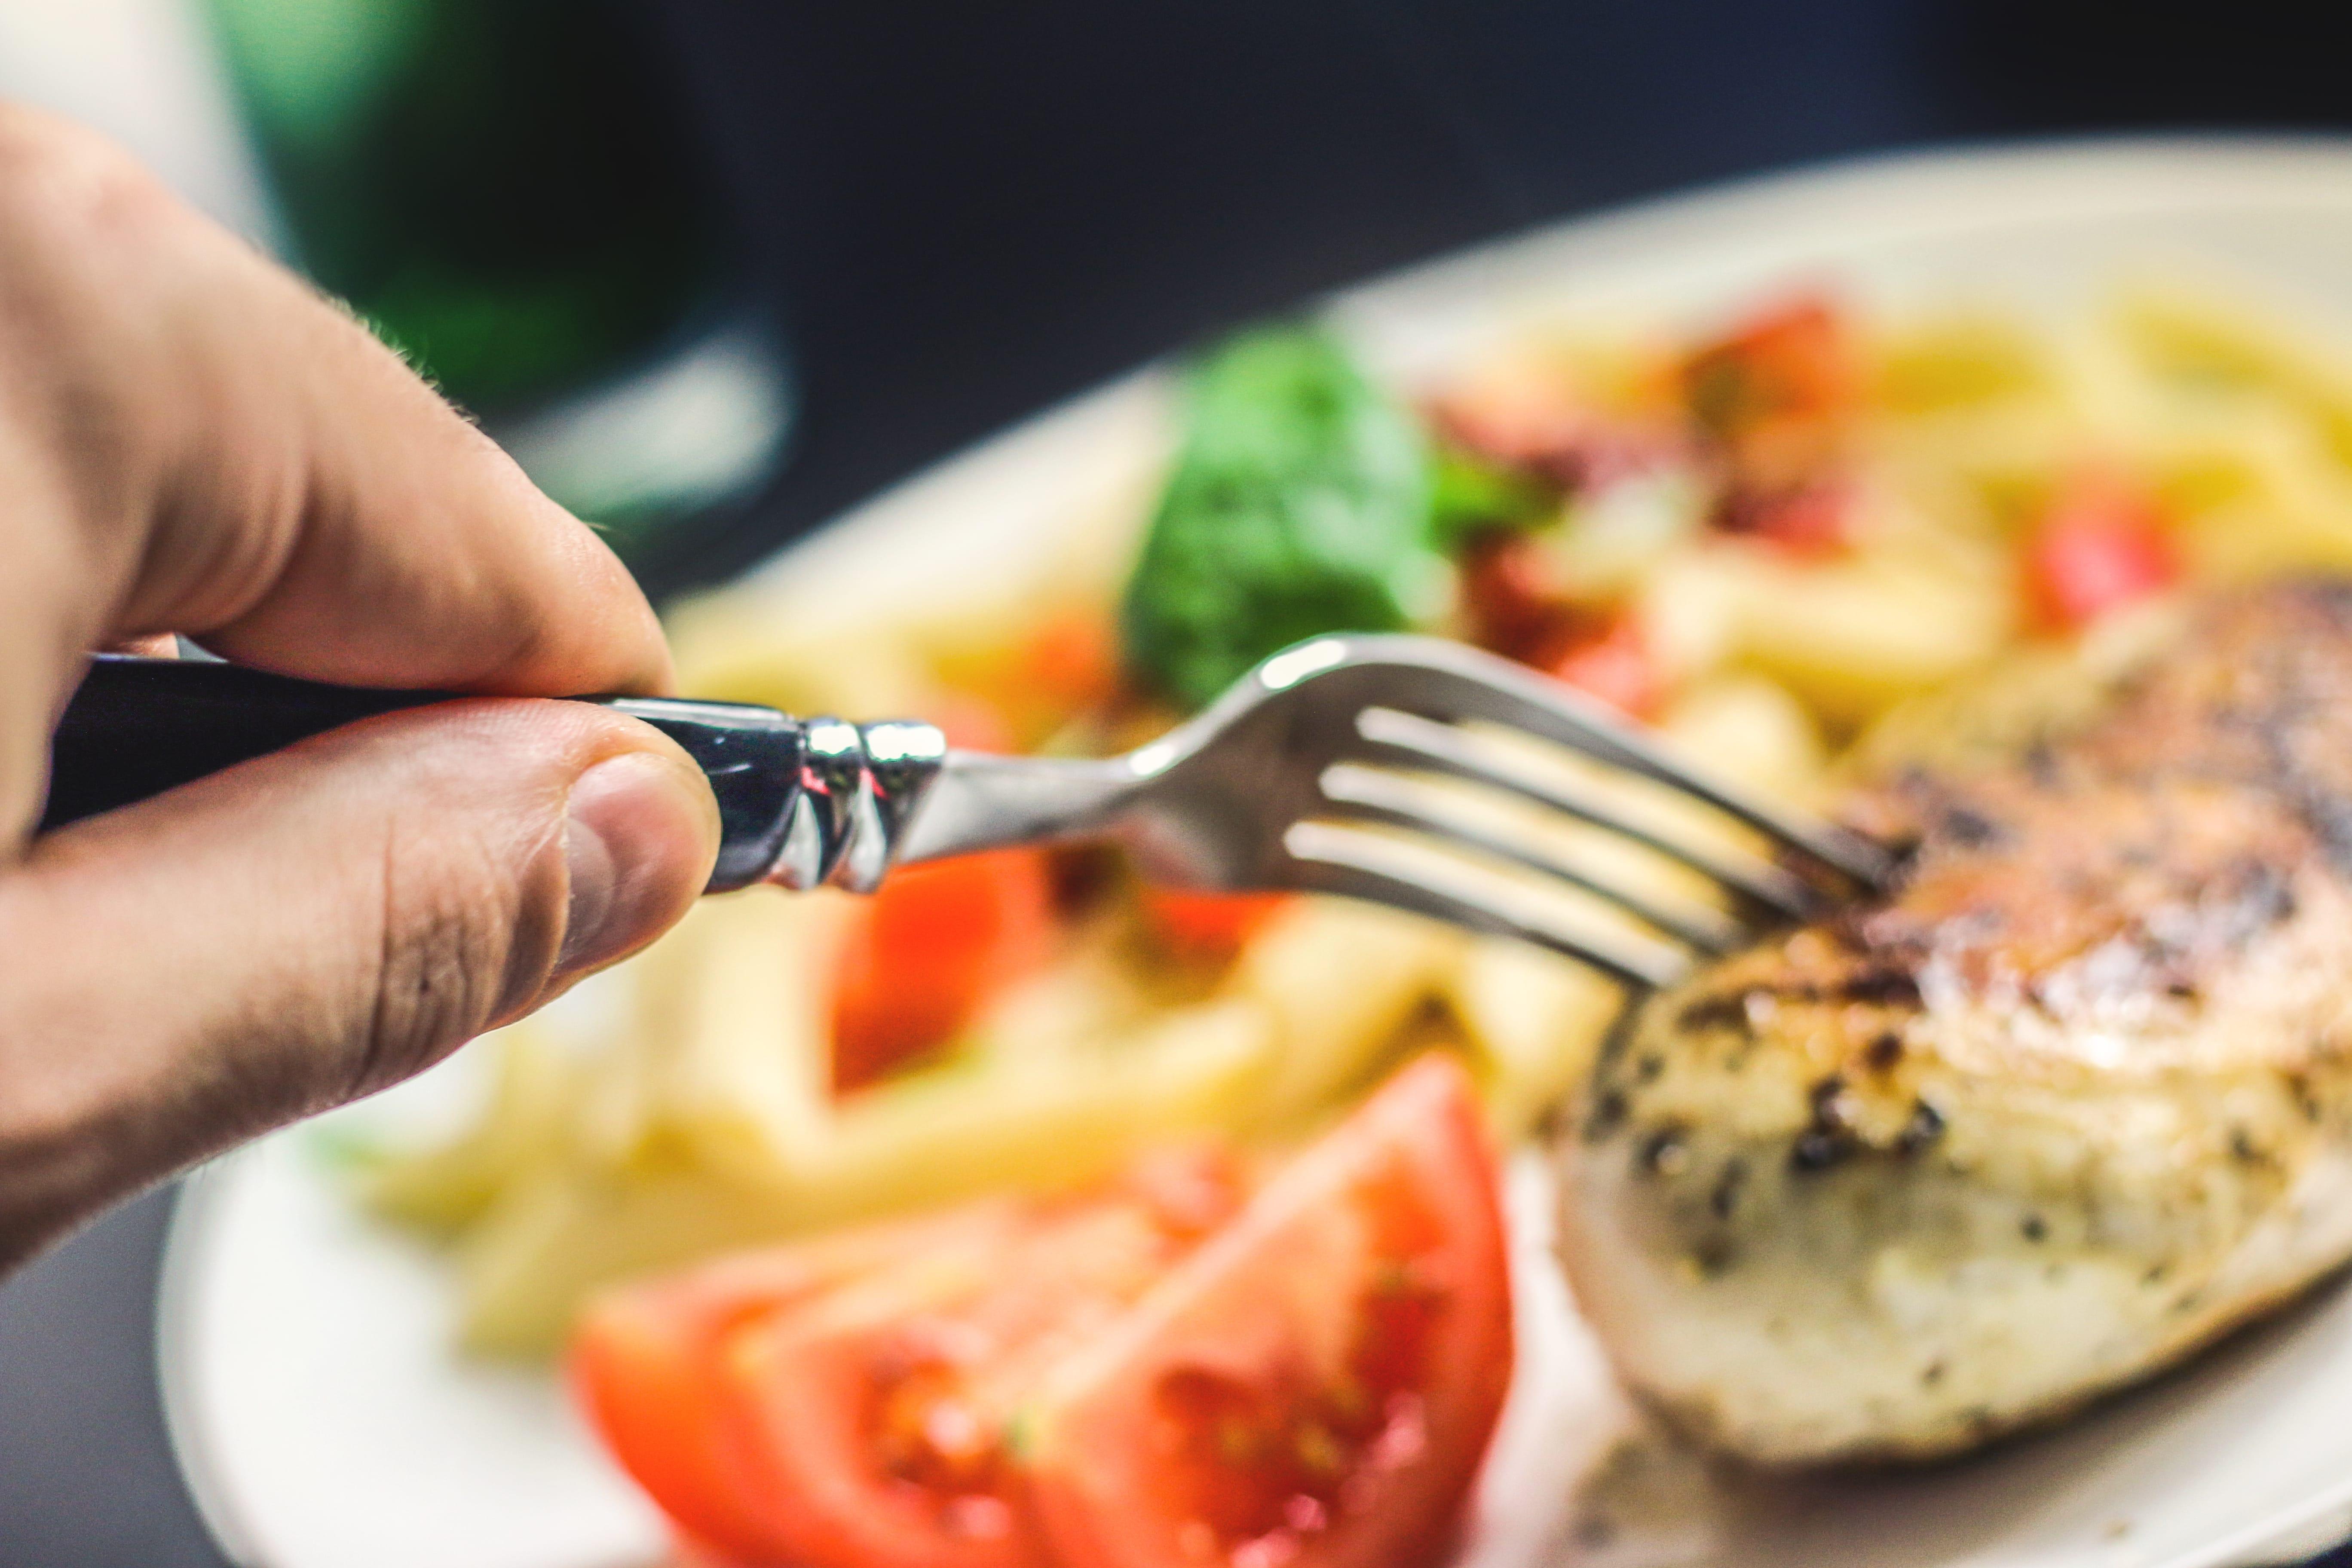 Dieta equilibrada e a manutenção do peso